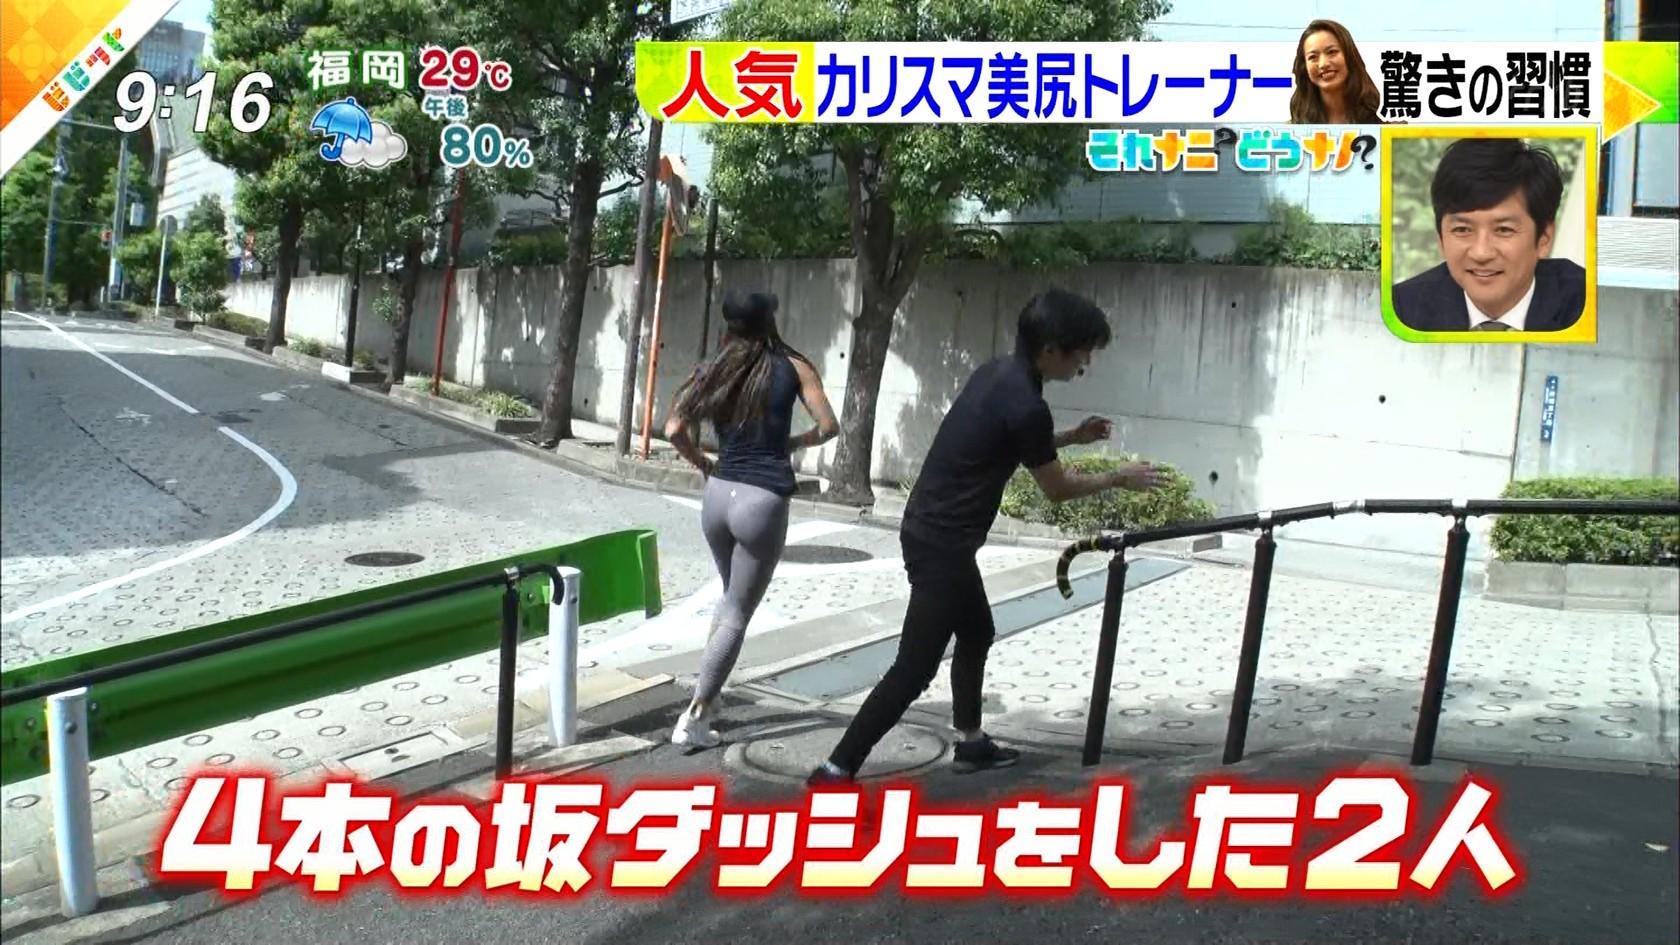 岡部友_美尻_スパッツ_テレビキャプ画像_22